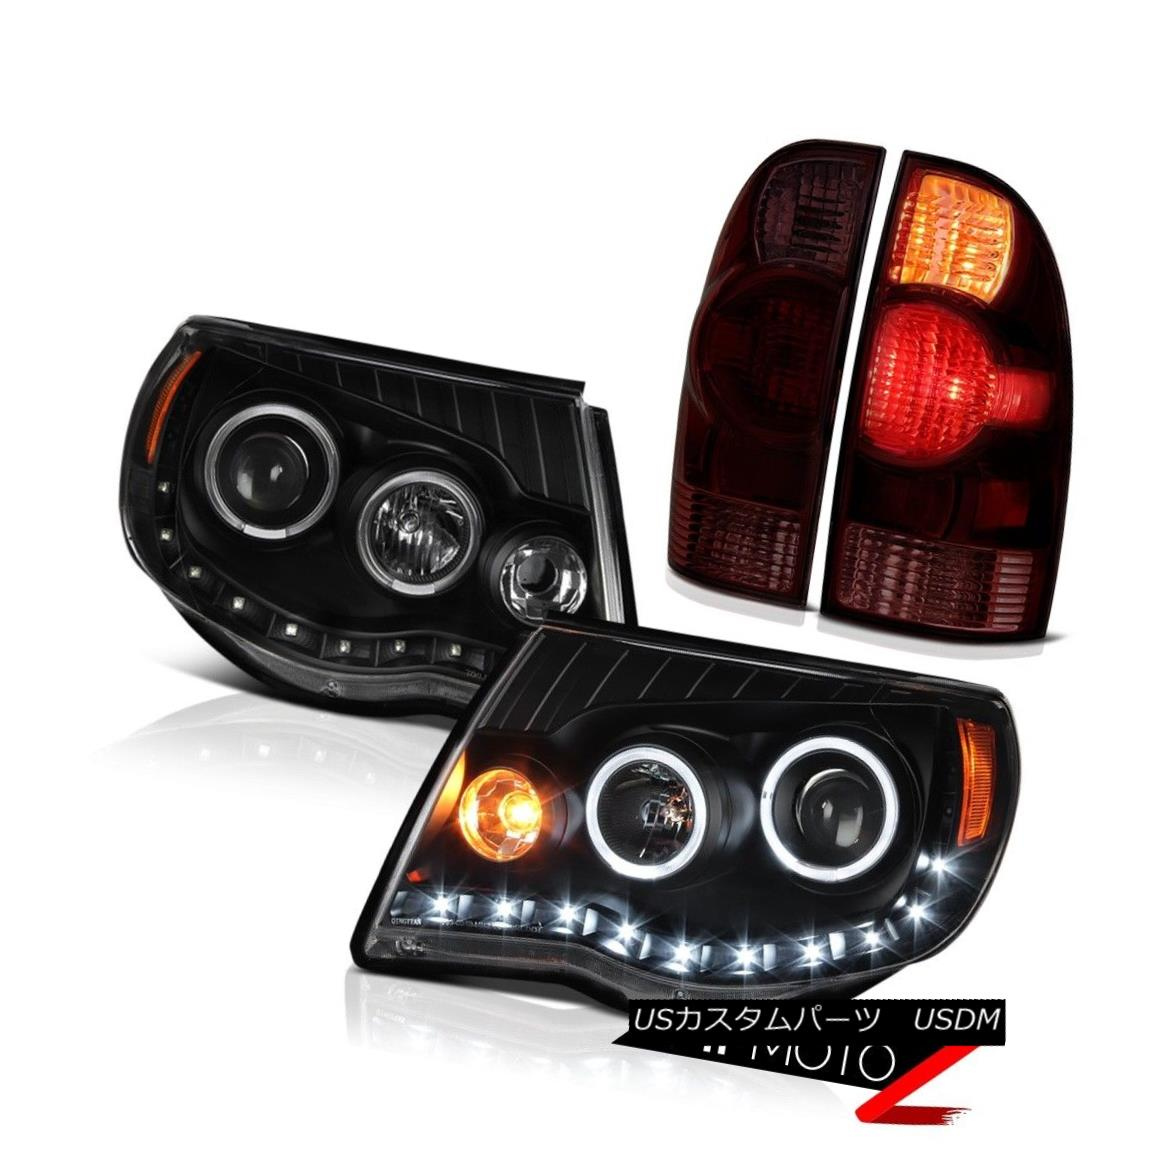 ヘッドライト 2005-2011 Tacoma PreRunner Taillights infinity black headlights LED Replacement 2005-2011 Tacoma PreRunnerテールライト無限黒色ヘッドライトLED交換